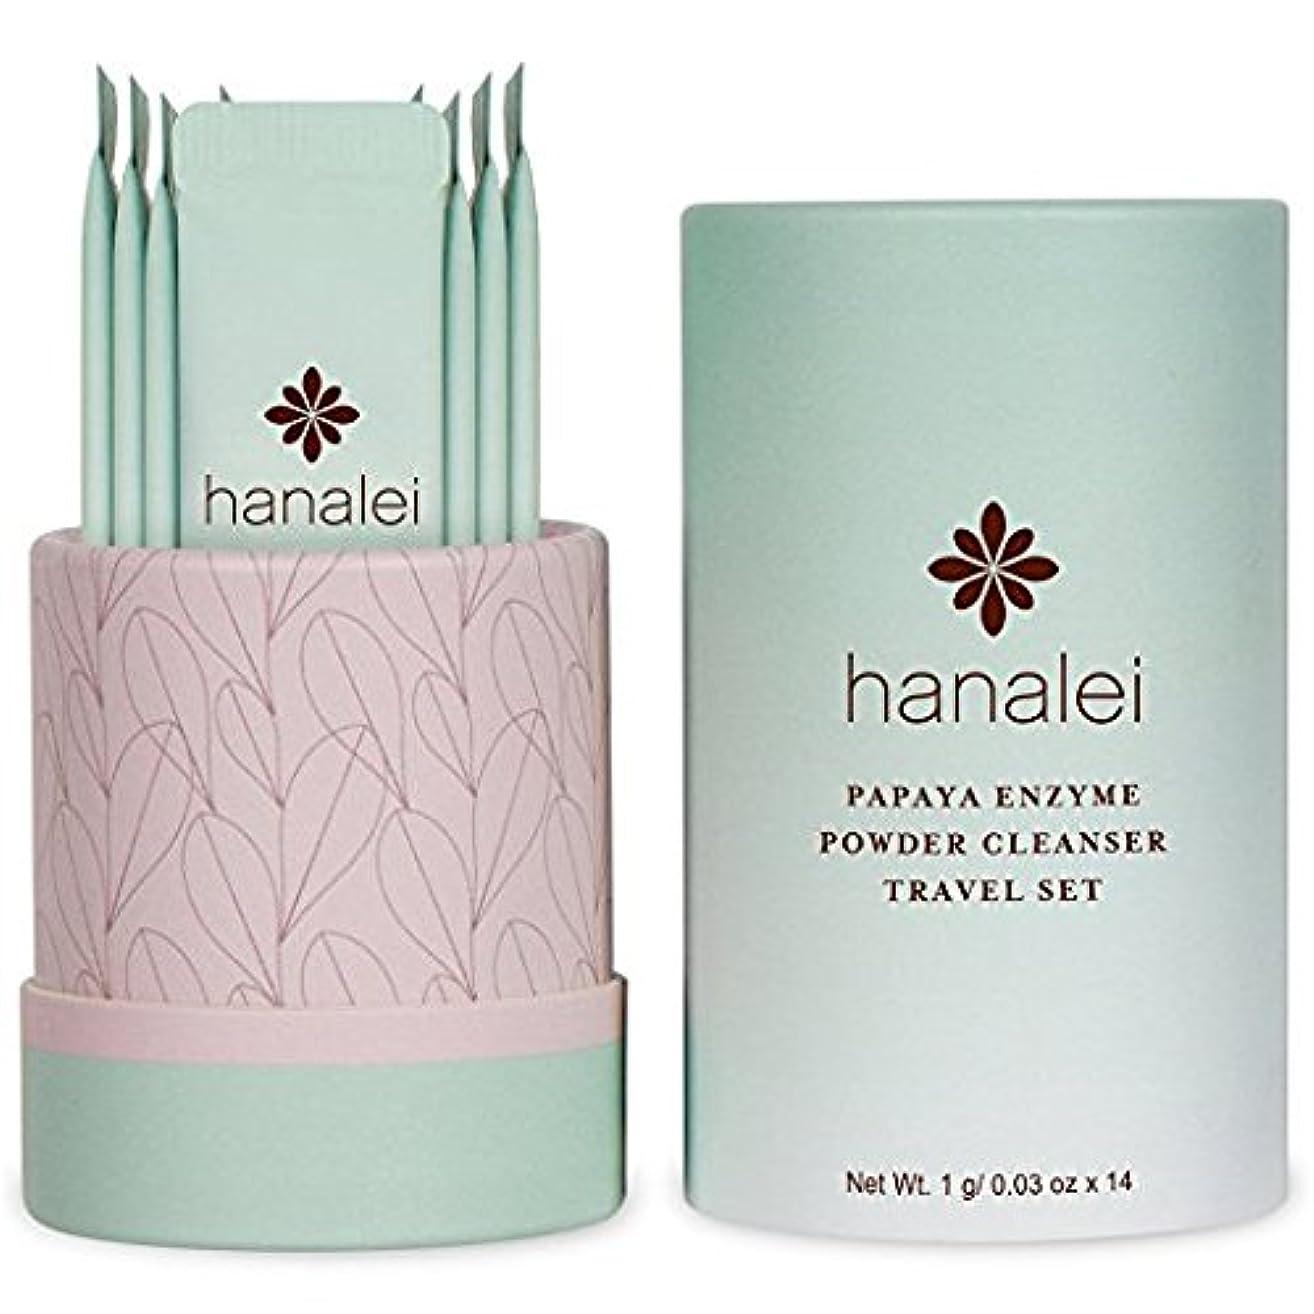 女の子時々冊子Hanalei (ハナレイ)パパイヤ酵素洗顔料 1g x 14 パック(Papaya Enzyme Powder Facial Cleanser Travel Set - 14 pack)